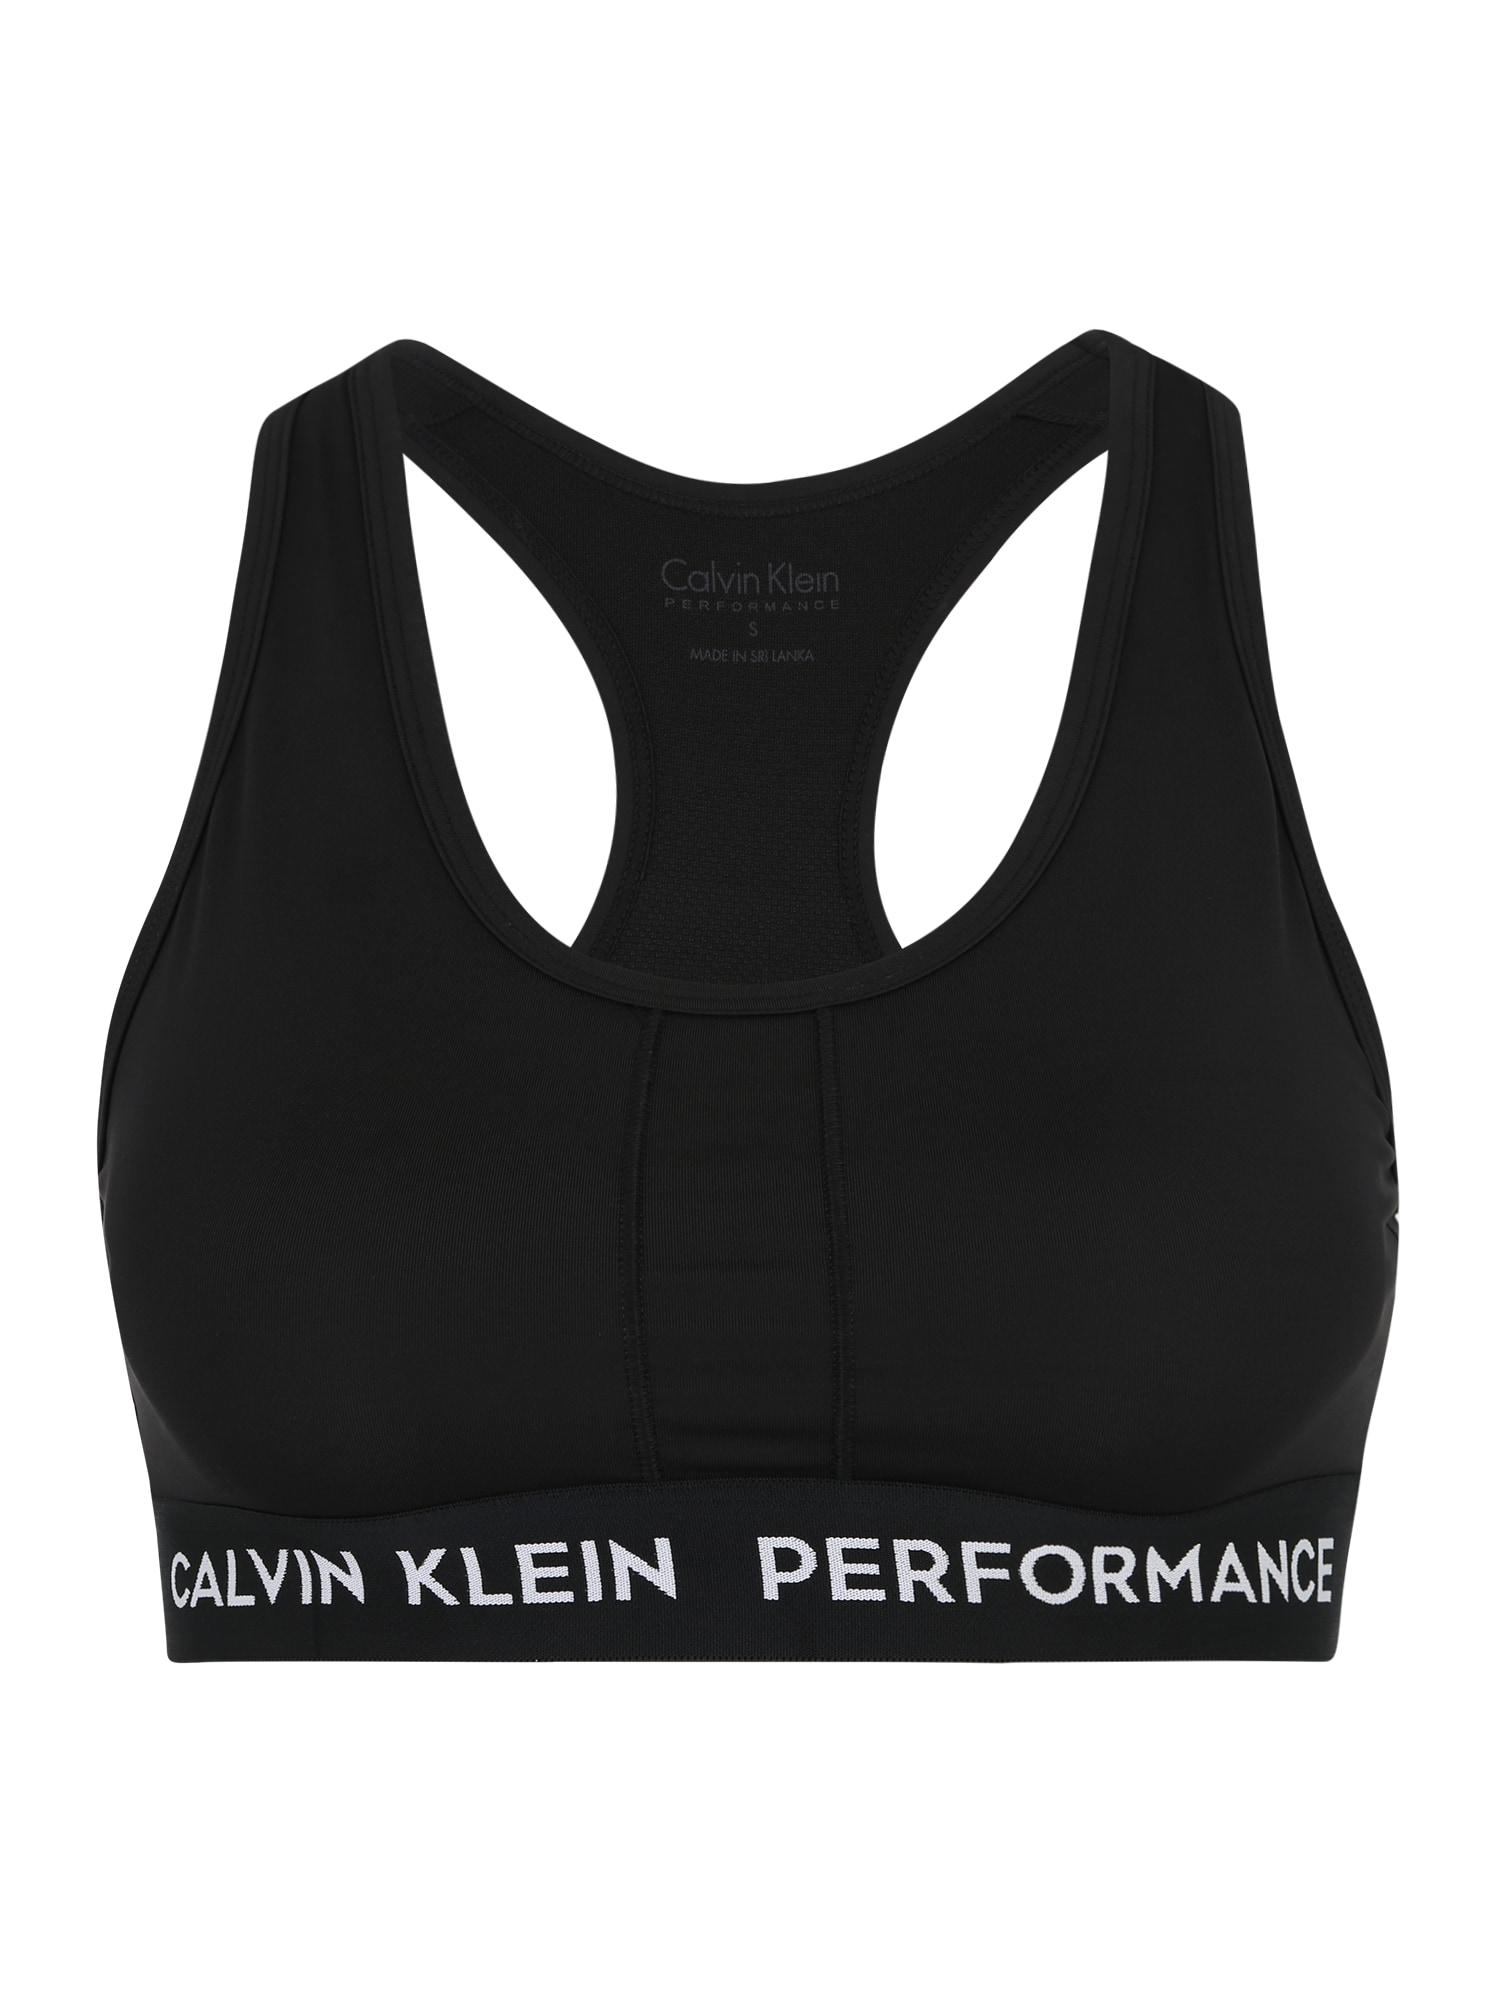 Sportovní podprsenka černá Calvin Klein Performance